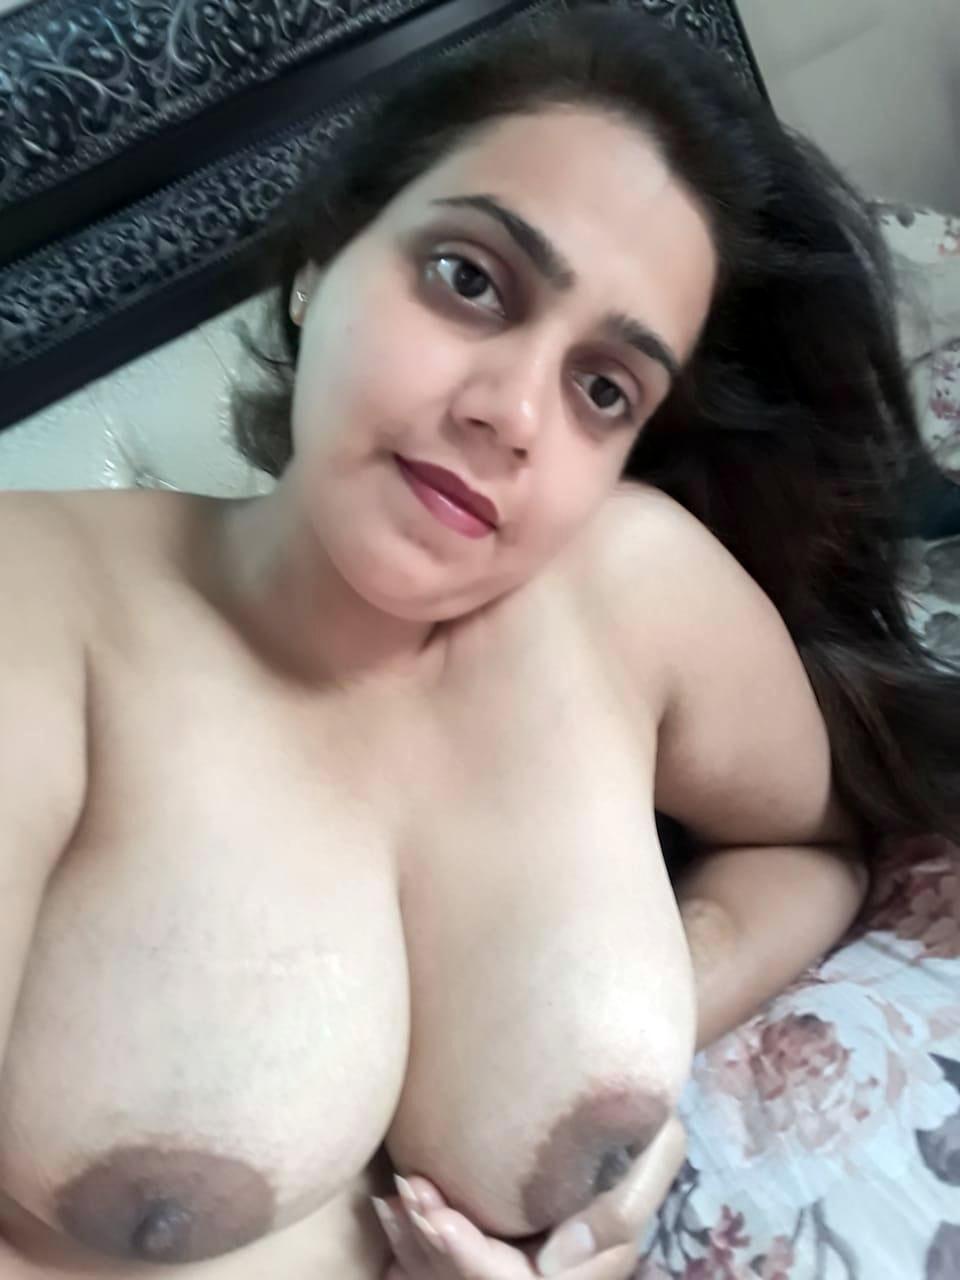 pakistani-mujra-nude-pics-bikini-models-xxx